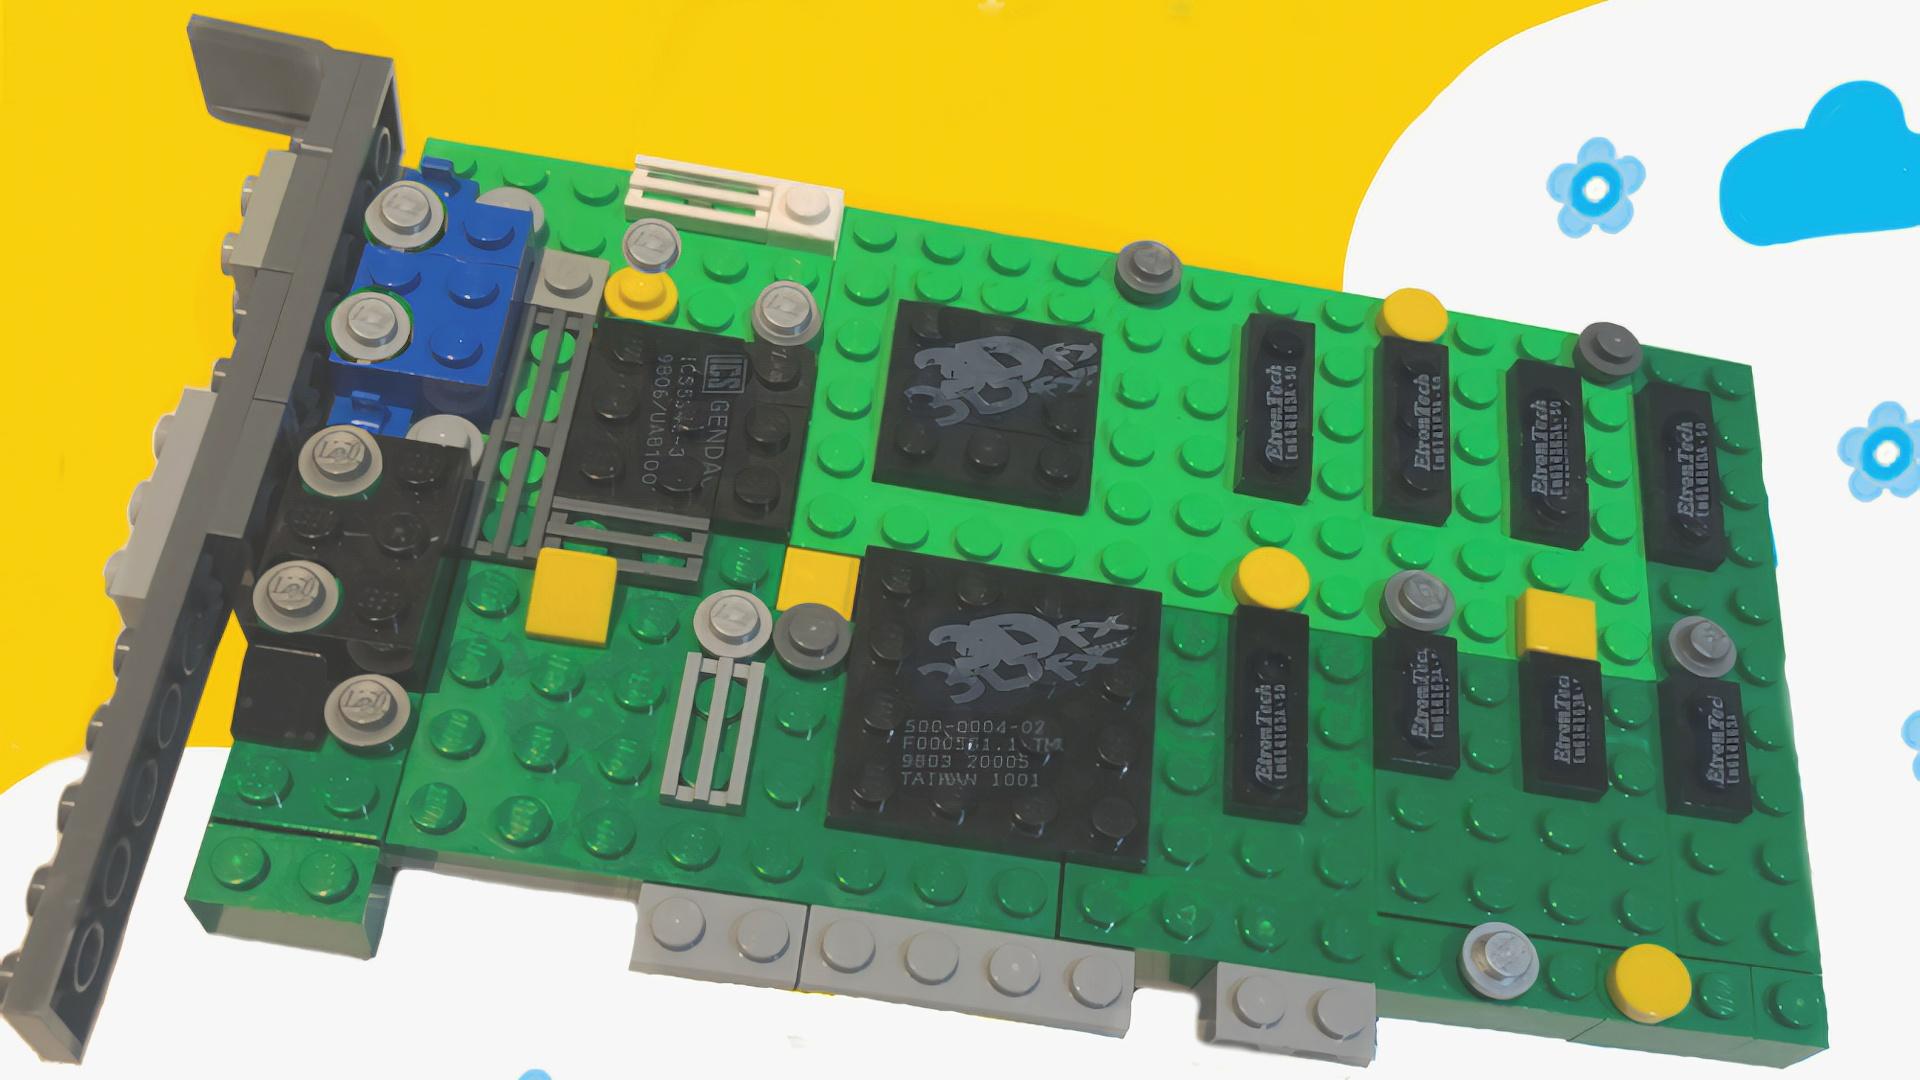 LEGO trifft Gaming-Grafikkarten – und das kann sogar nützlich sein!